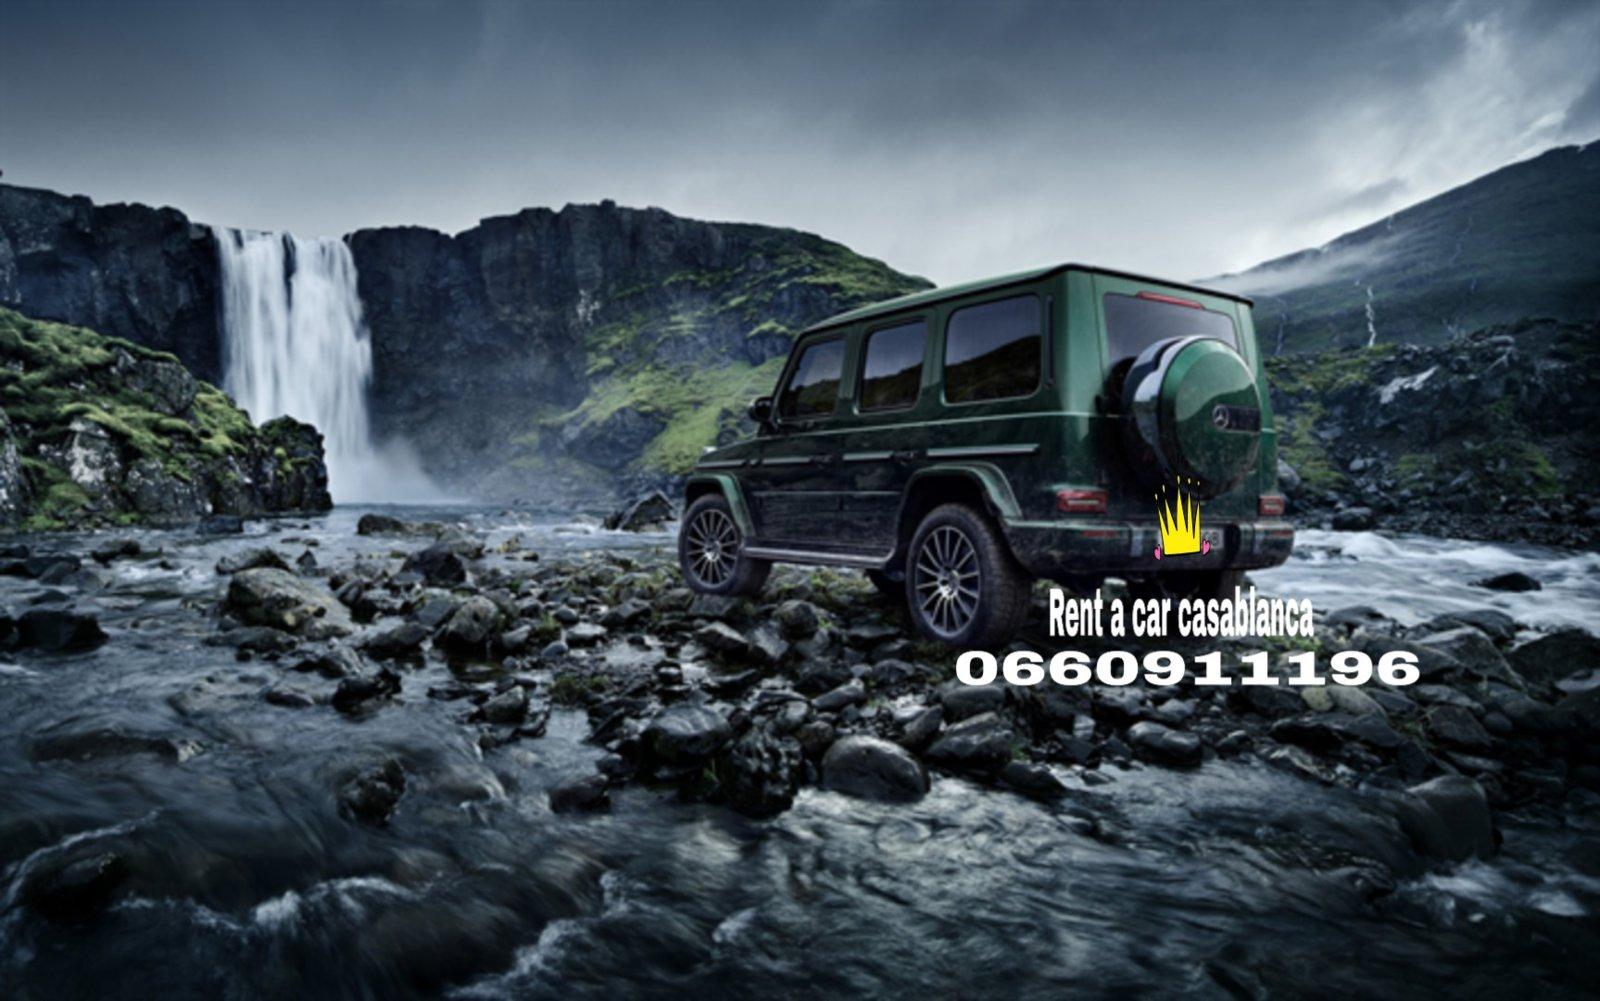 702368 المسافرون العرب تأجير سيارات في المغرب عرض خاص